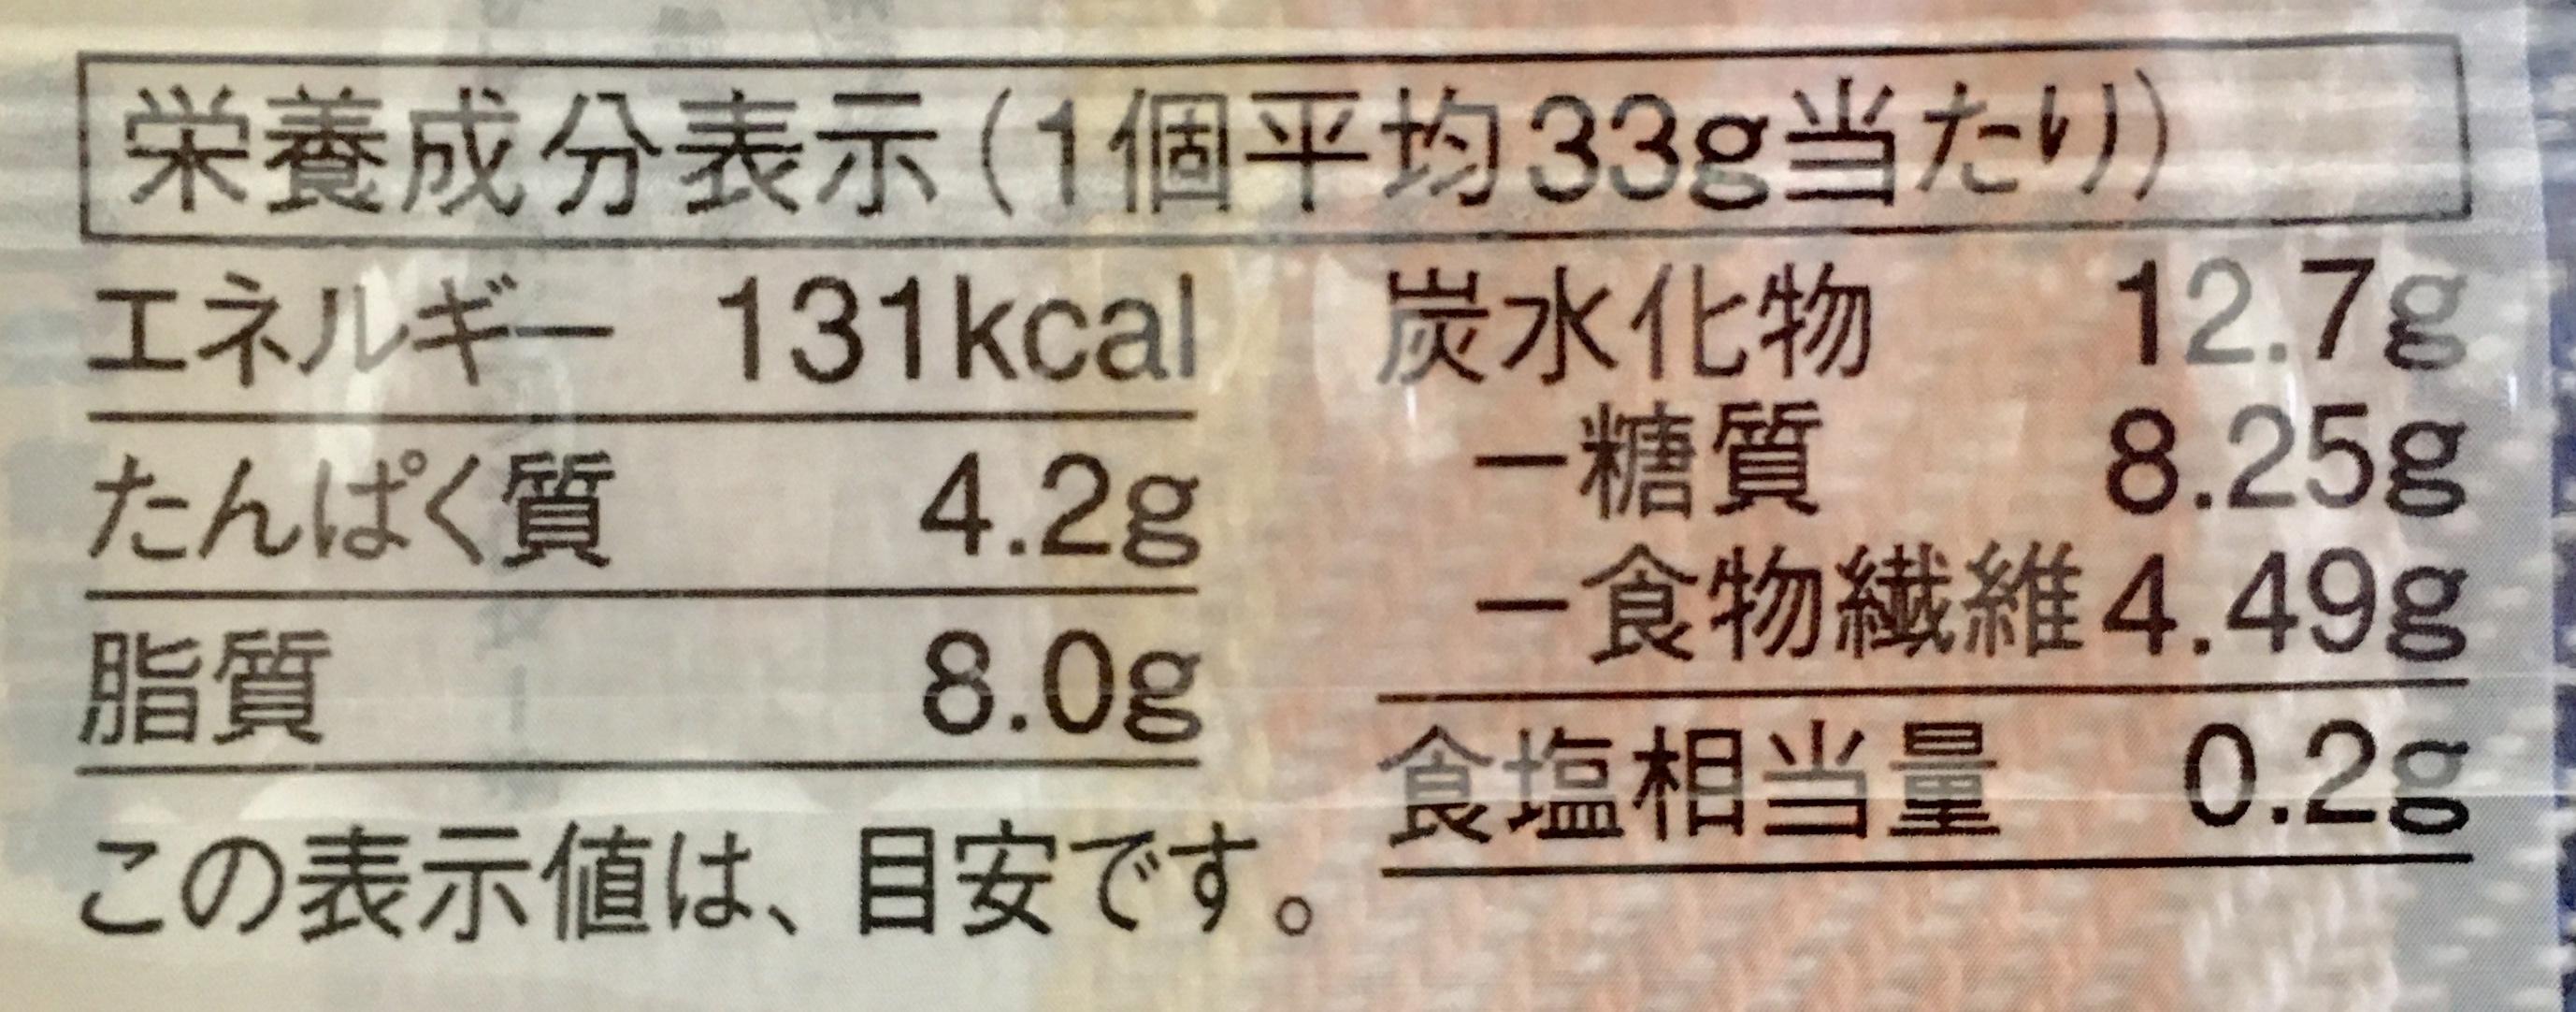 無印良品の糖質10g以下のお菓子 バナナマフィンの栄養成分表示